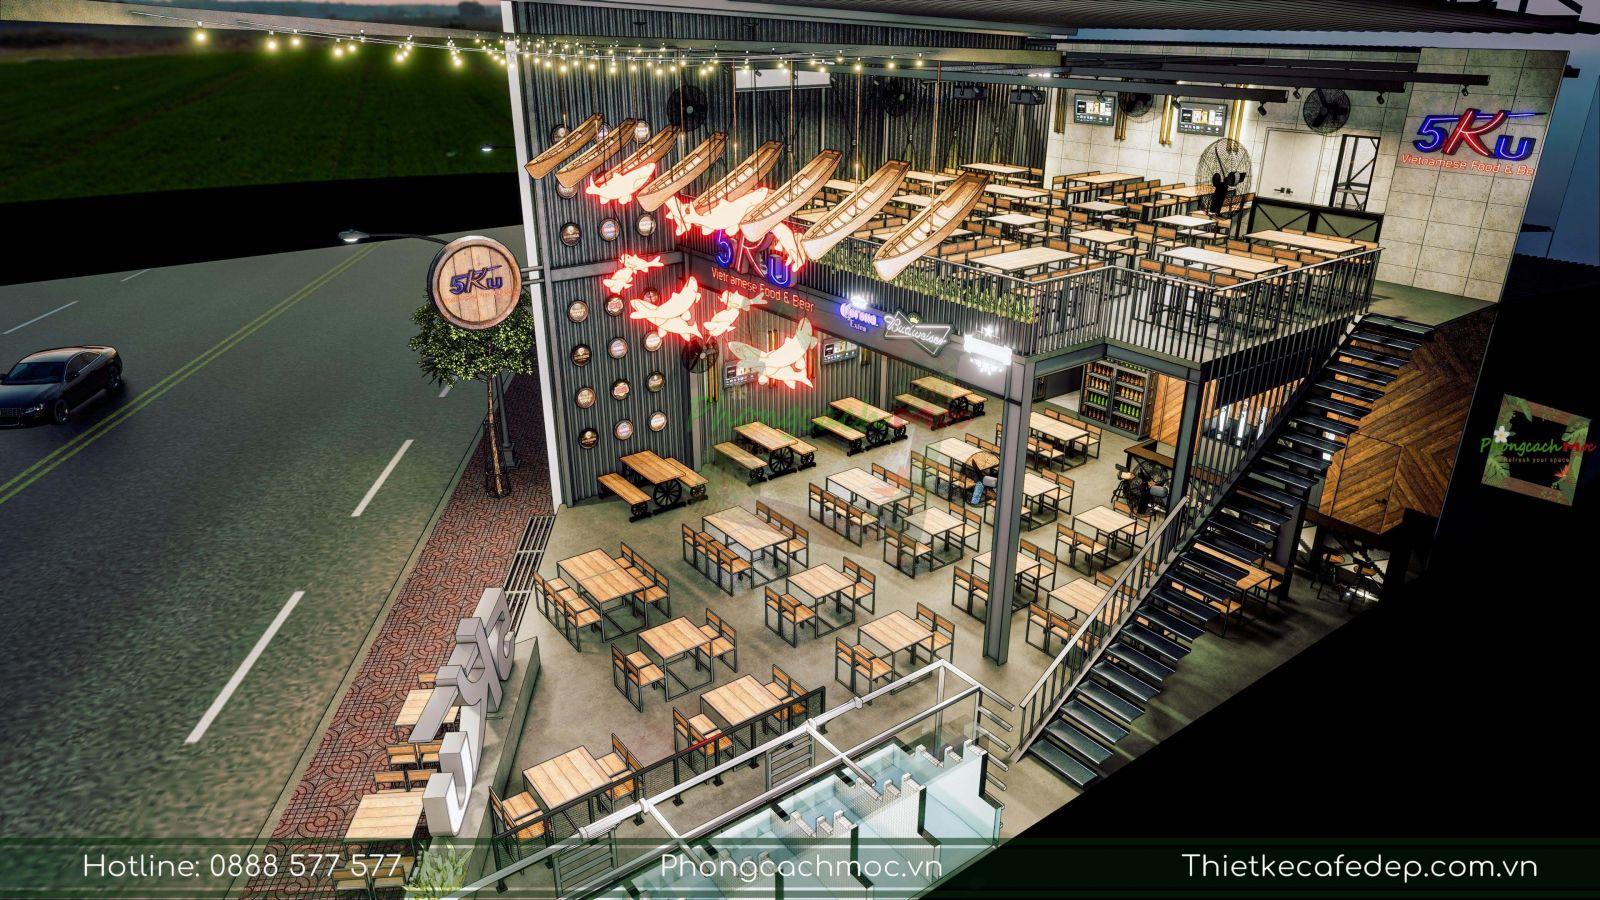 thiết kế 2 tầng nhà hàng 5ku tại quận 1 tphcm